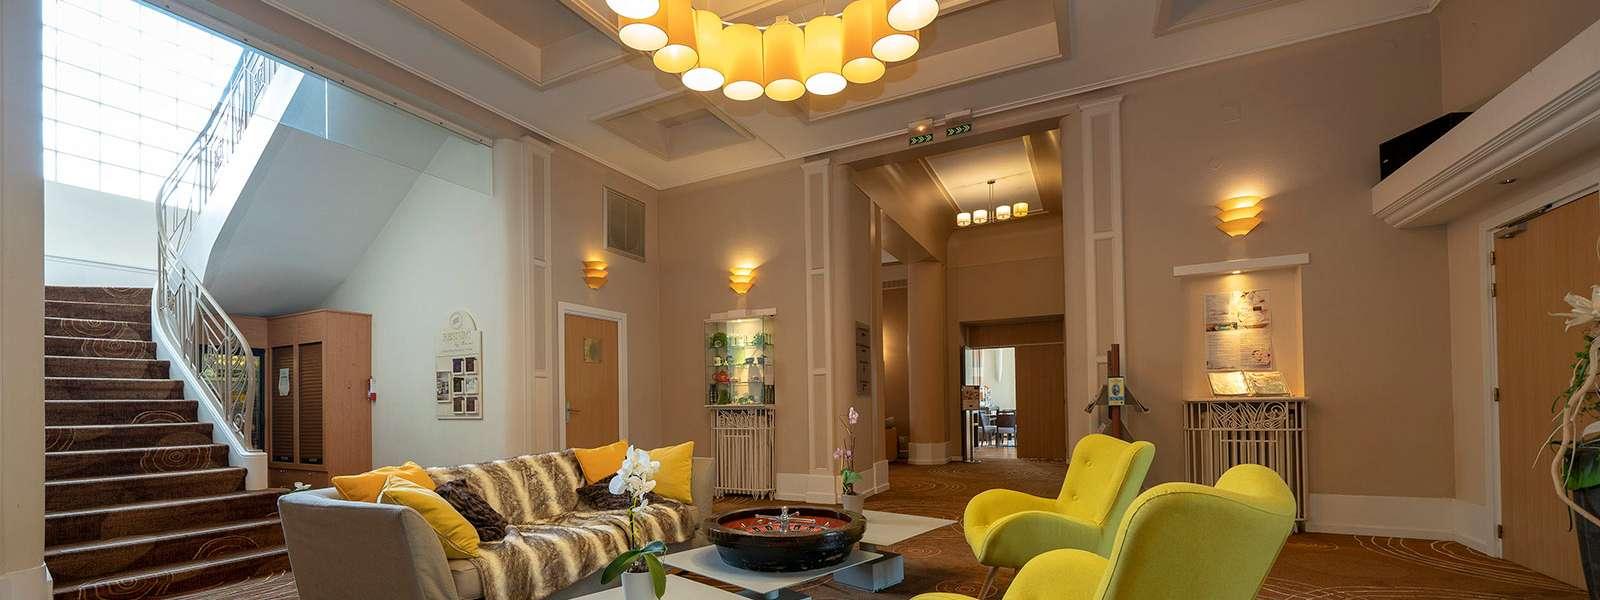 Grand Hôtel Filippo, Alsace, chambres modernes et confortables